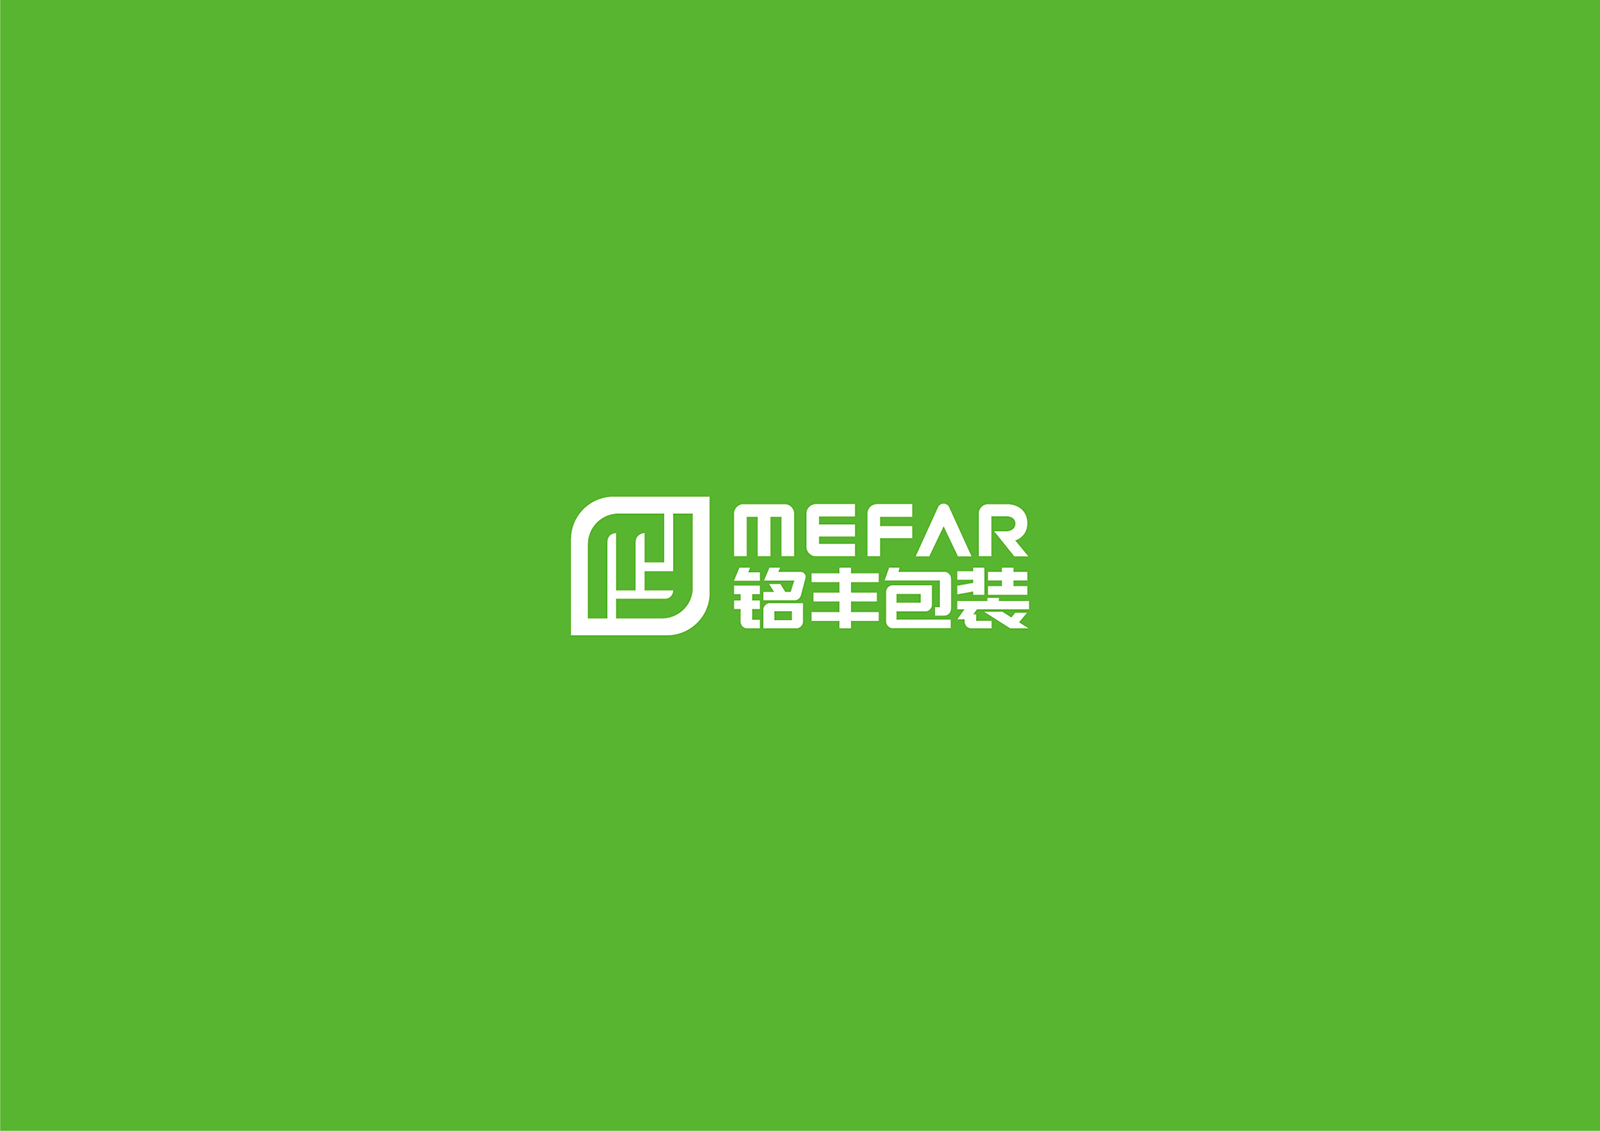 MEFAR铭丰包装品牌形象设计优化提升-深圳VI设计5